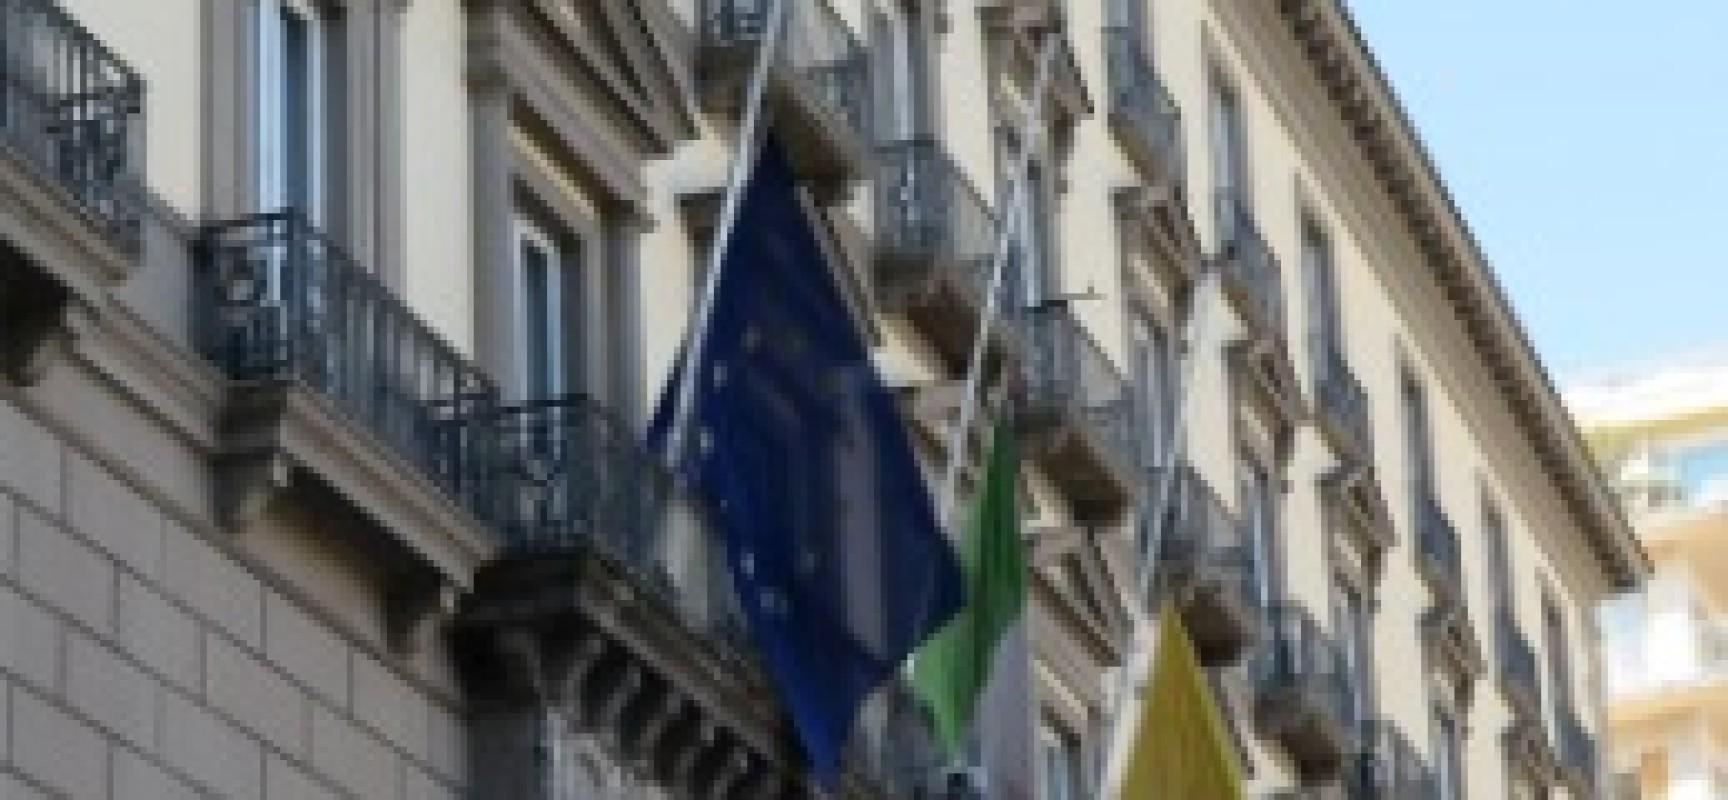 Migranti Canale di Sicilia, Napoli con bandiere a mezz'asta in memoria vittime